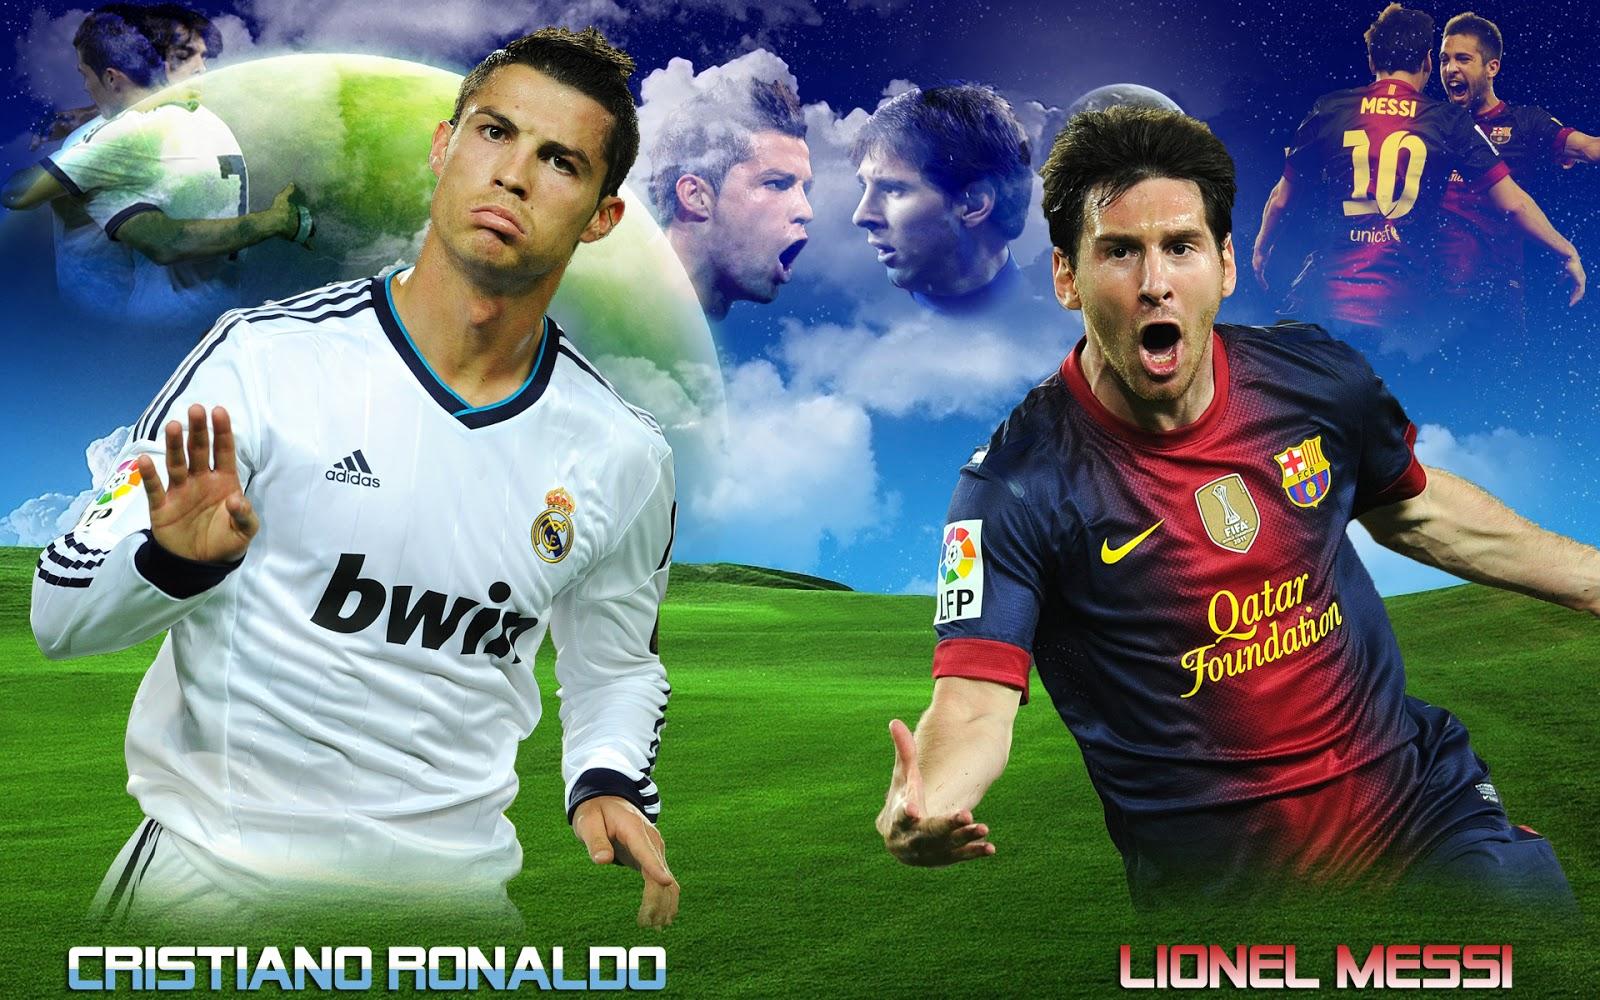 Cristiano Ronaldo vs Lionel Messi Wallpapers HD 2013 1600x1000